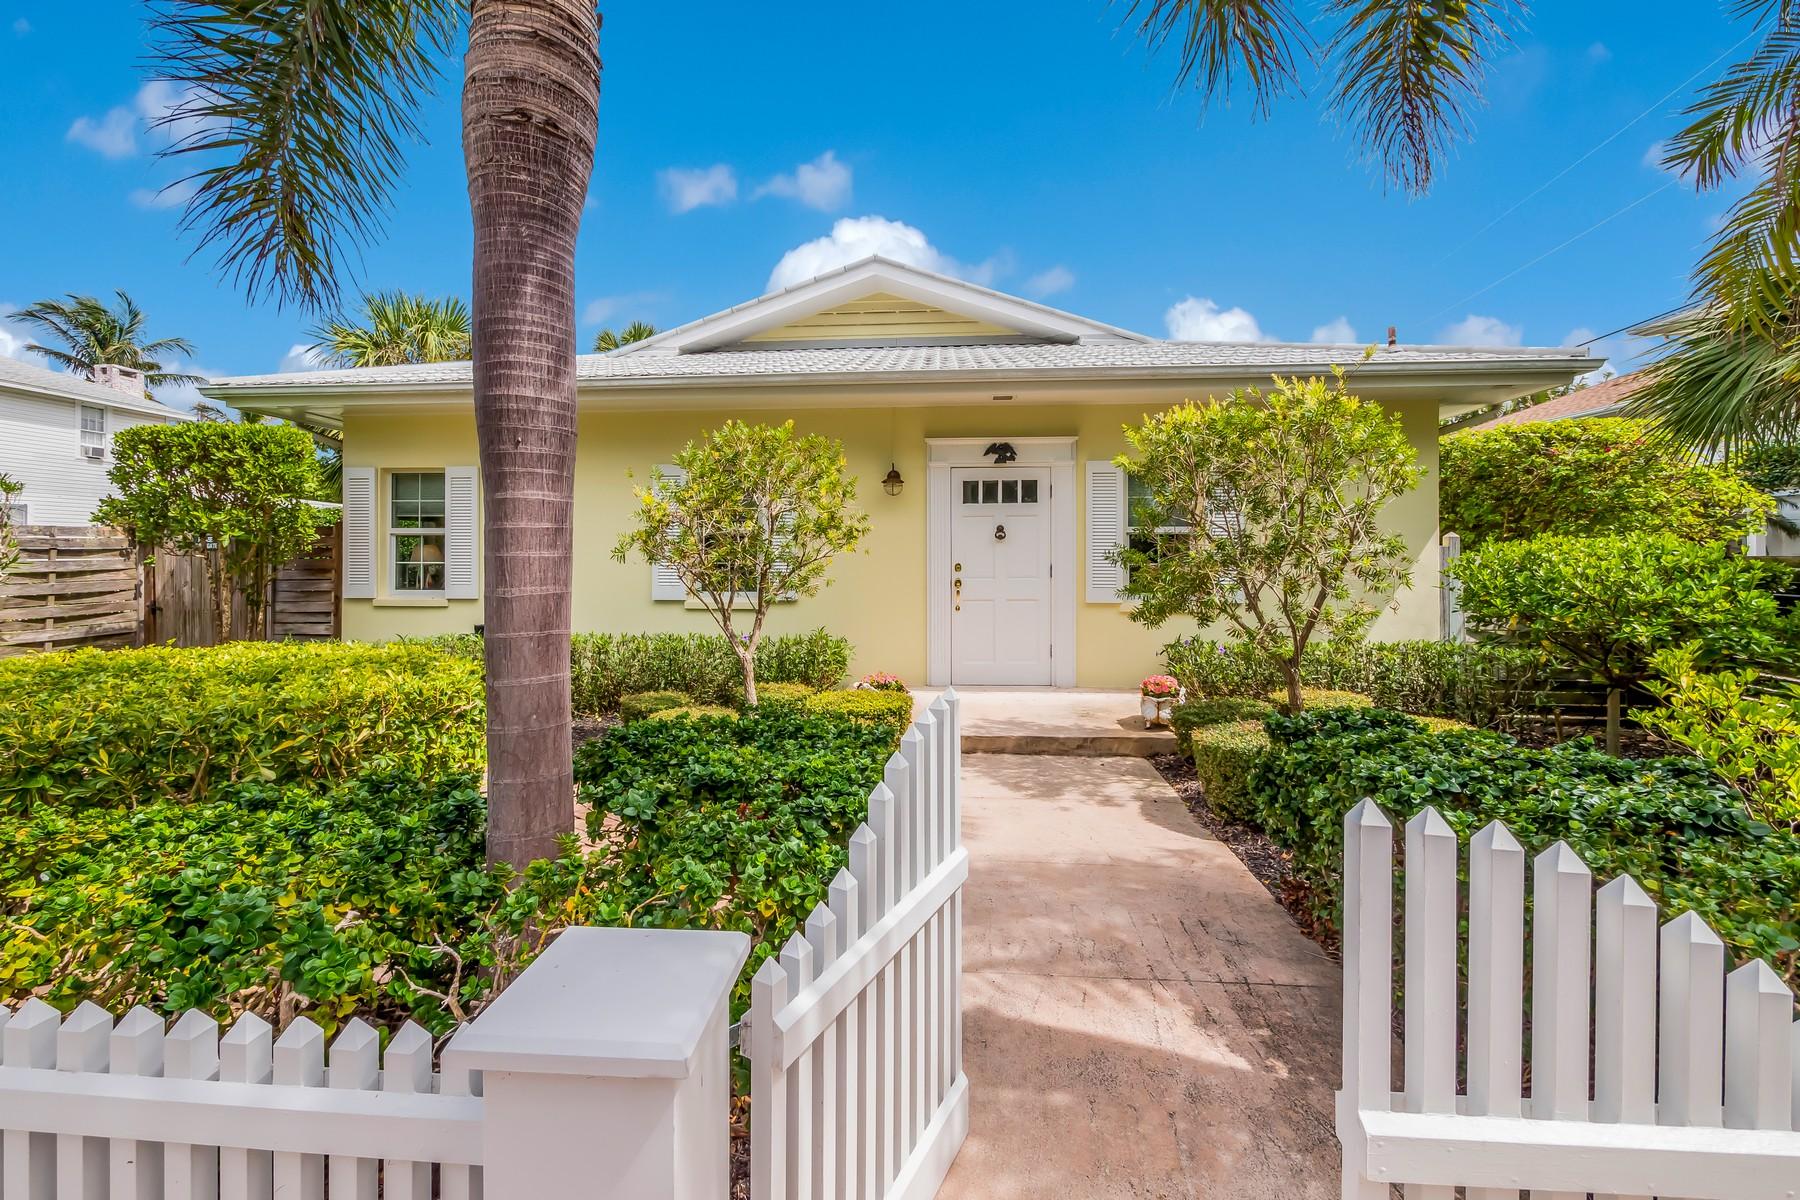 Einfamilienhaus für Verkauf beim 250 GILCHRIST AVENUE Boca Grande, Florida, 33921 Vereinigte Staaten